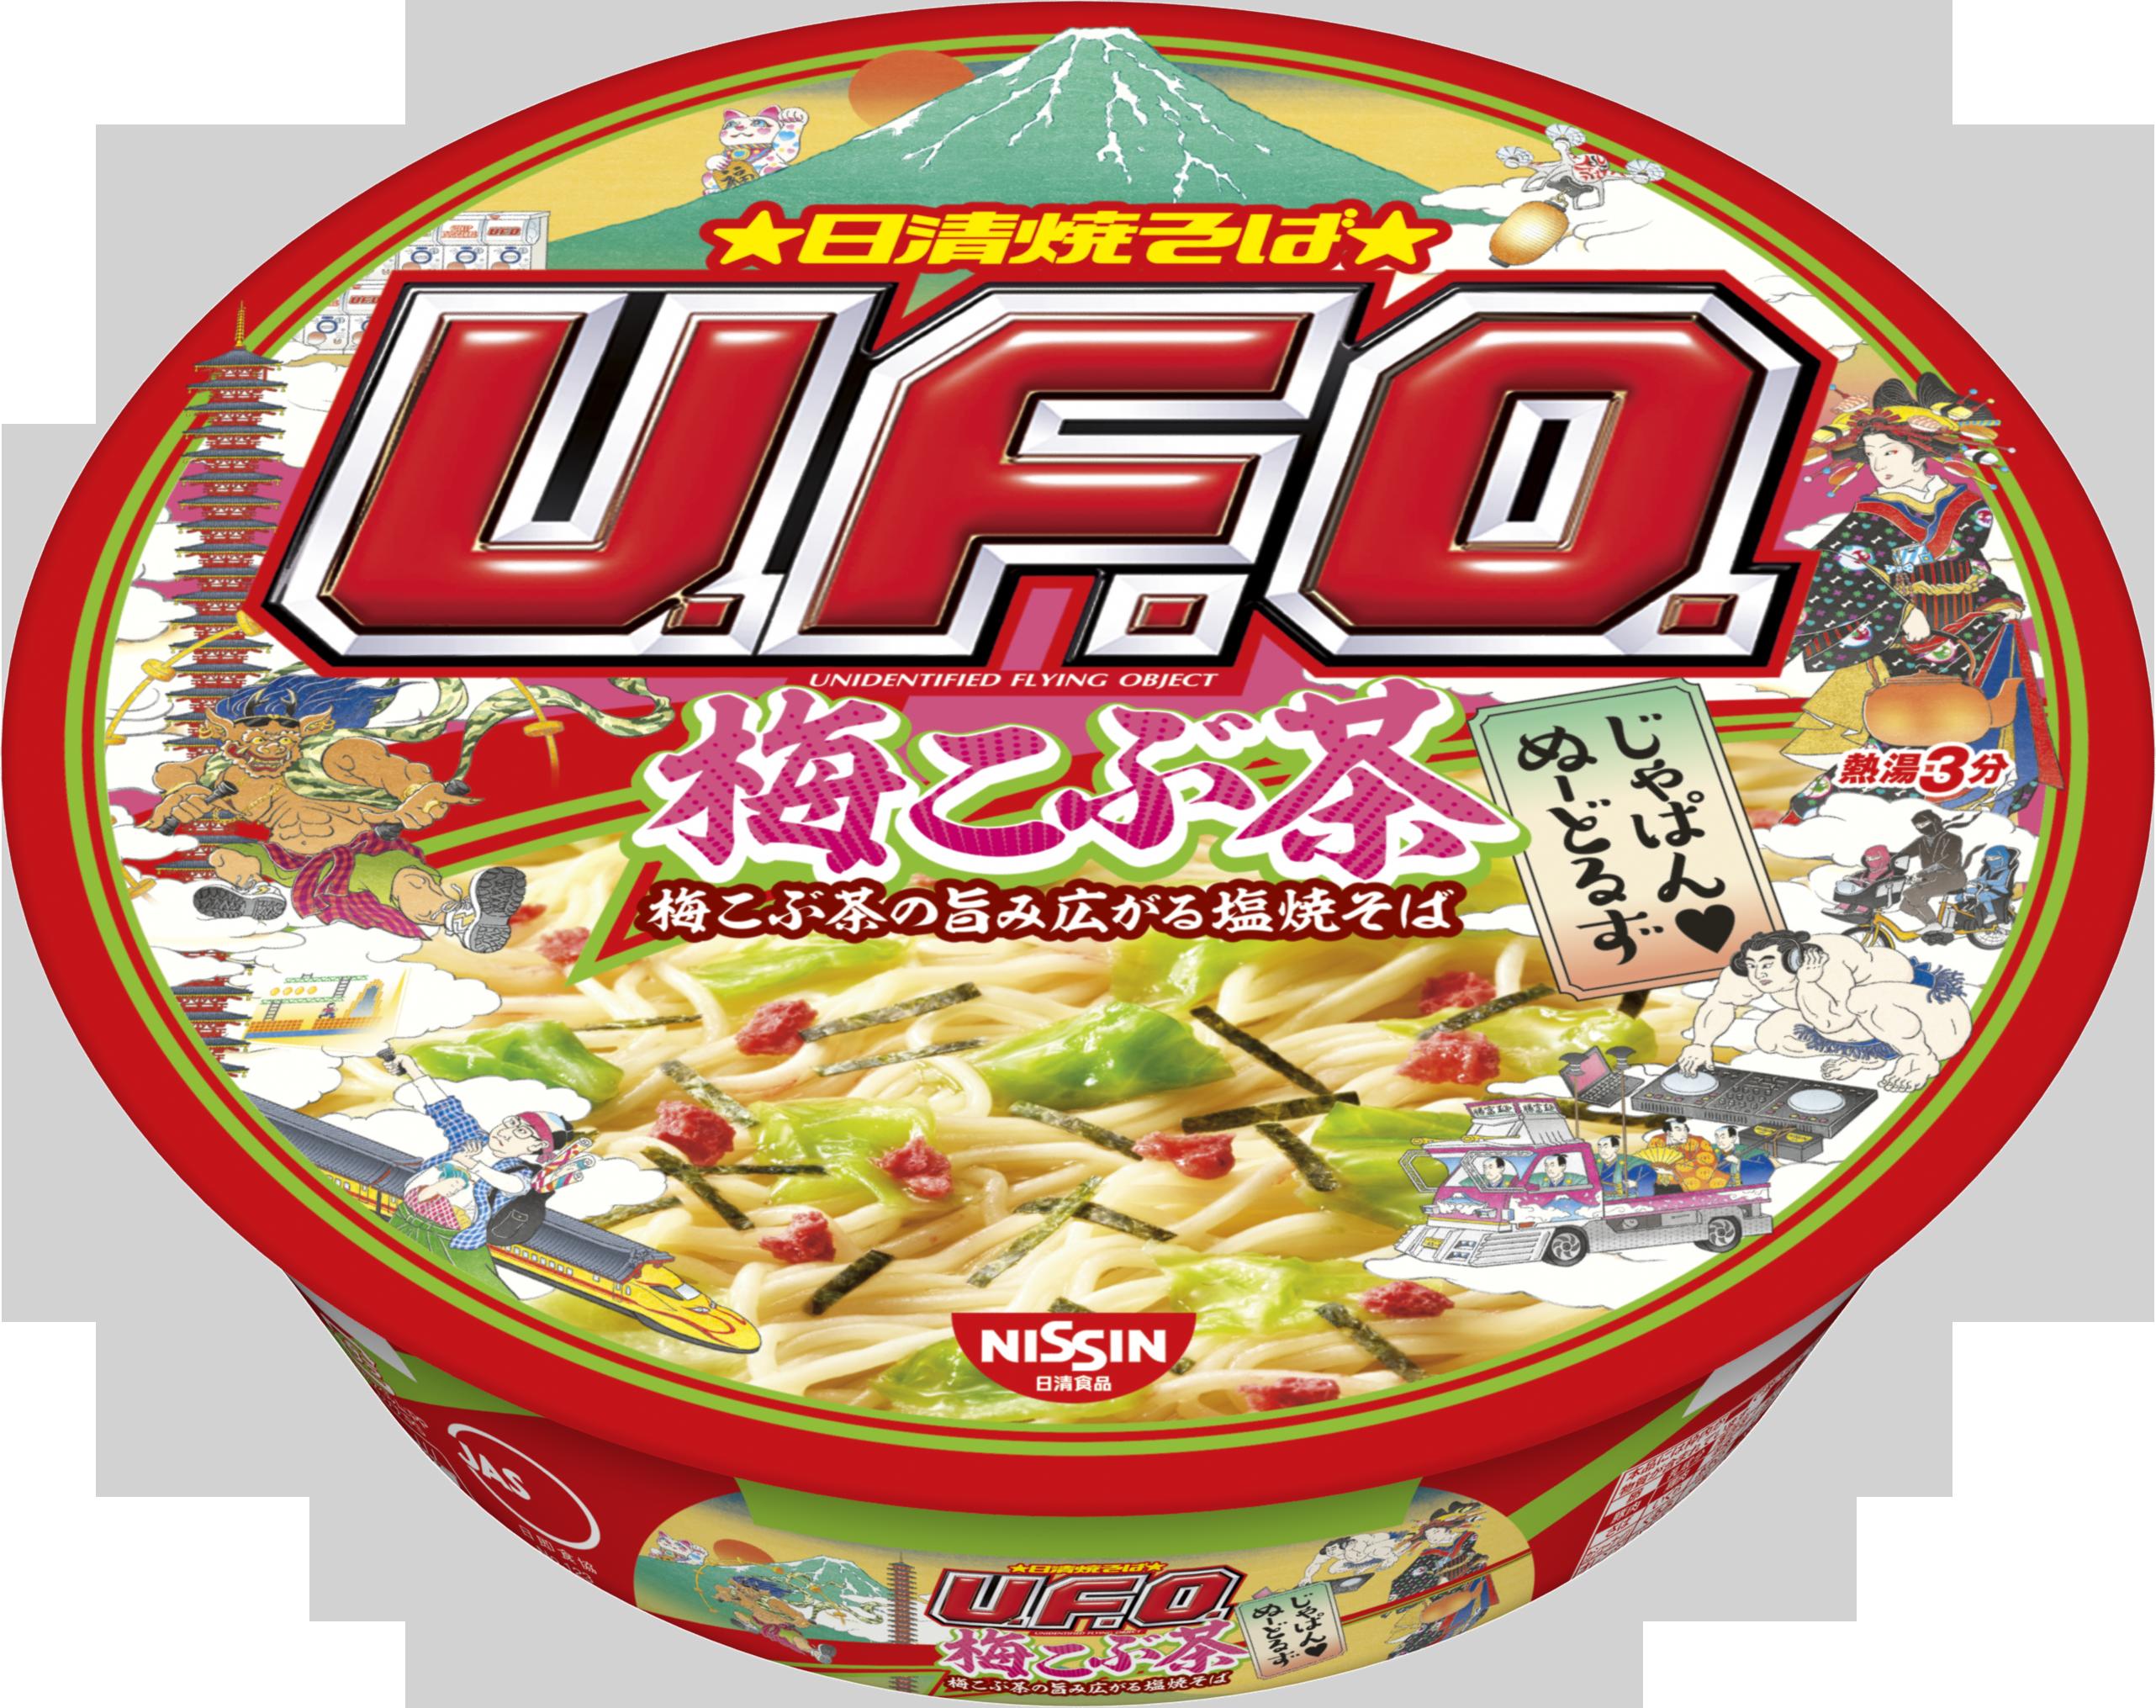 UFO 塩焼そば 梅こぶ茶